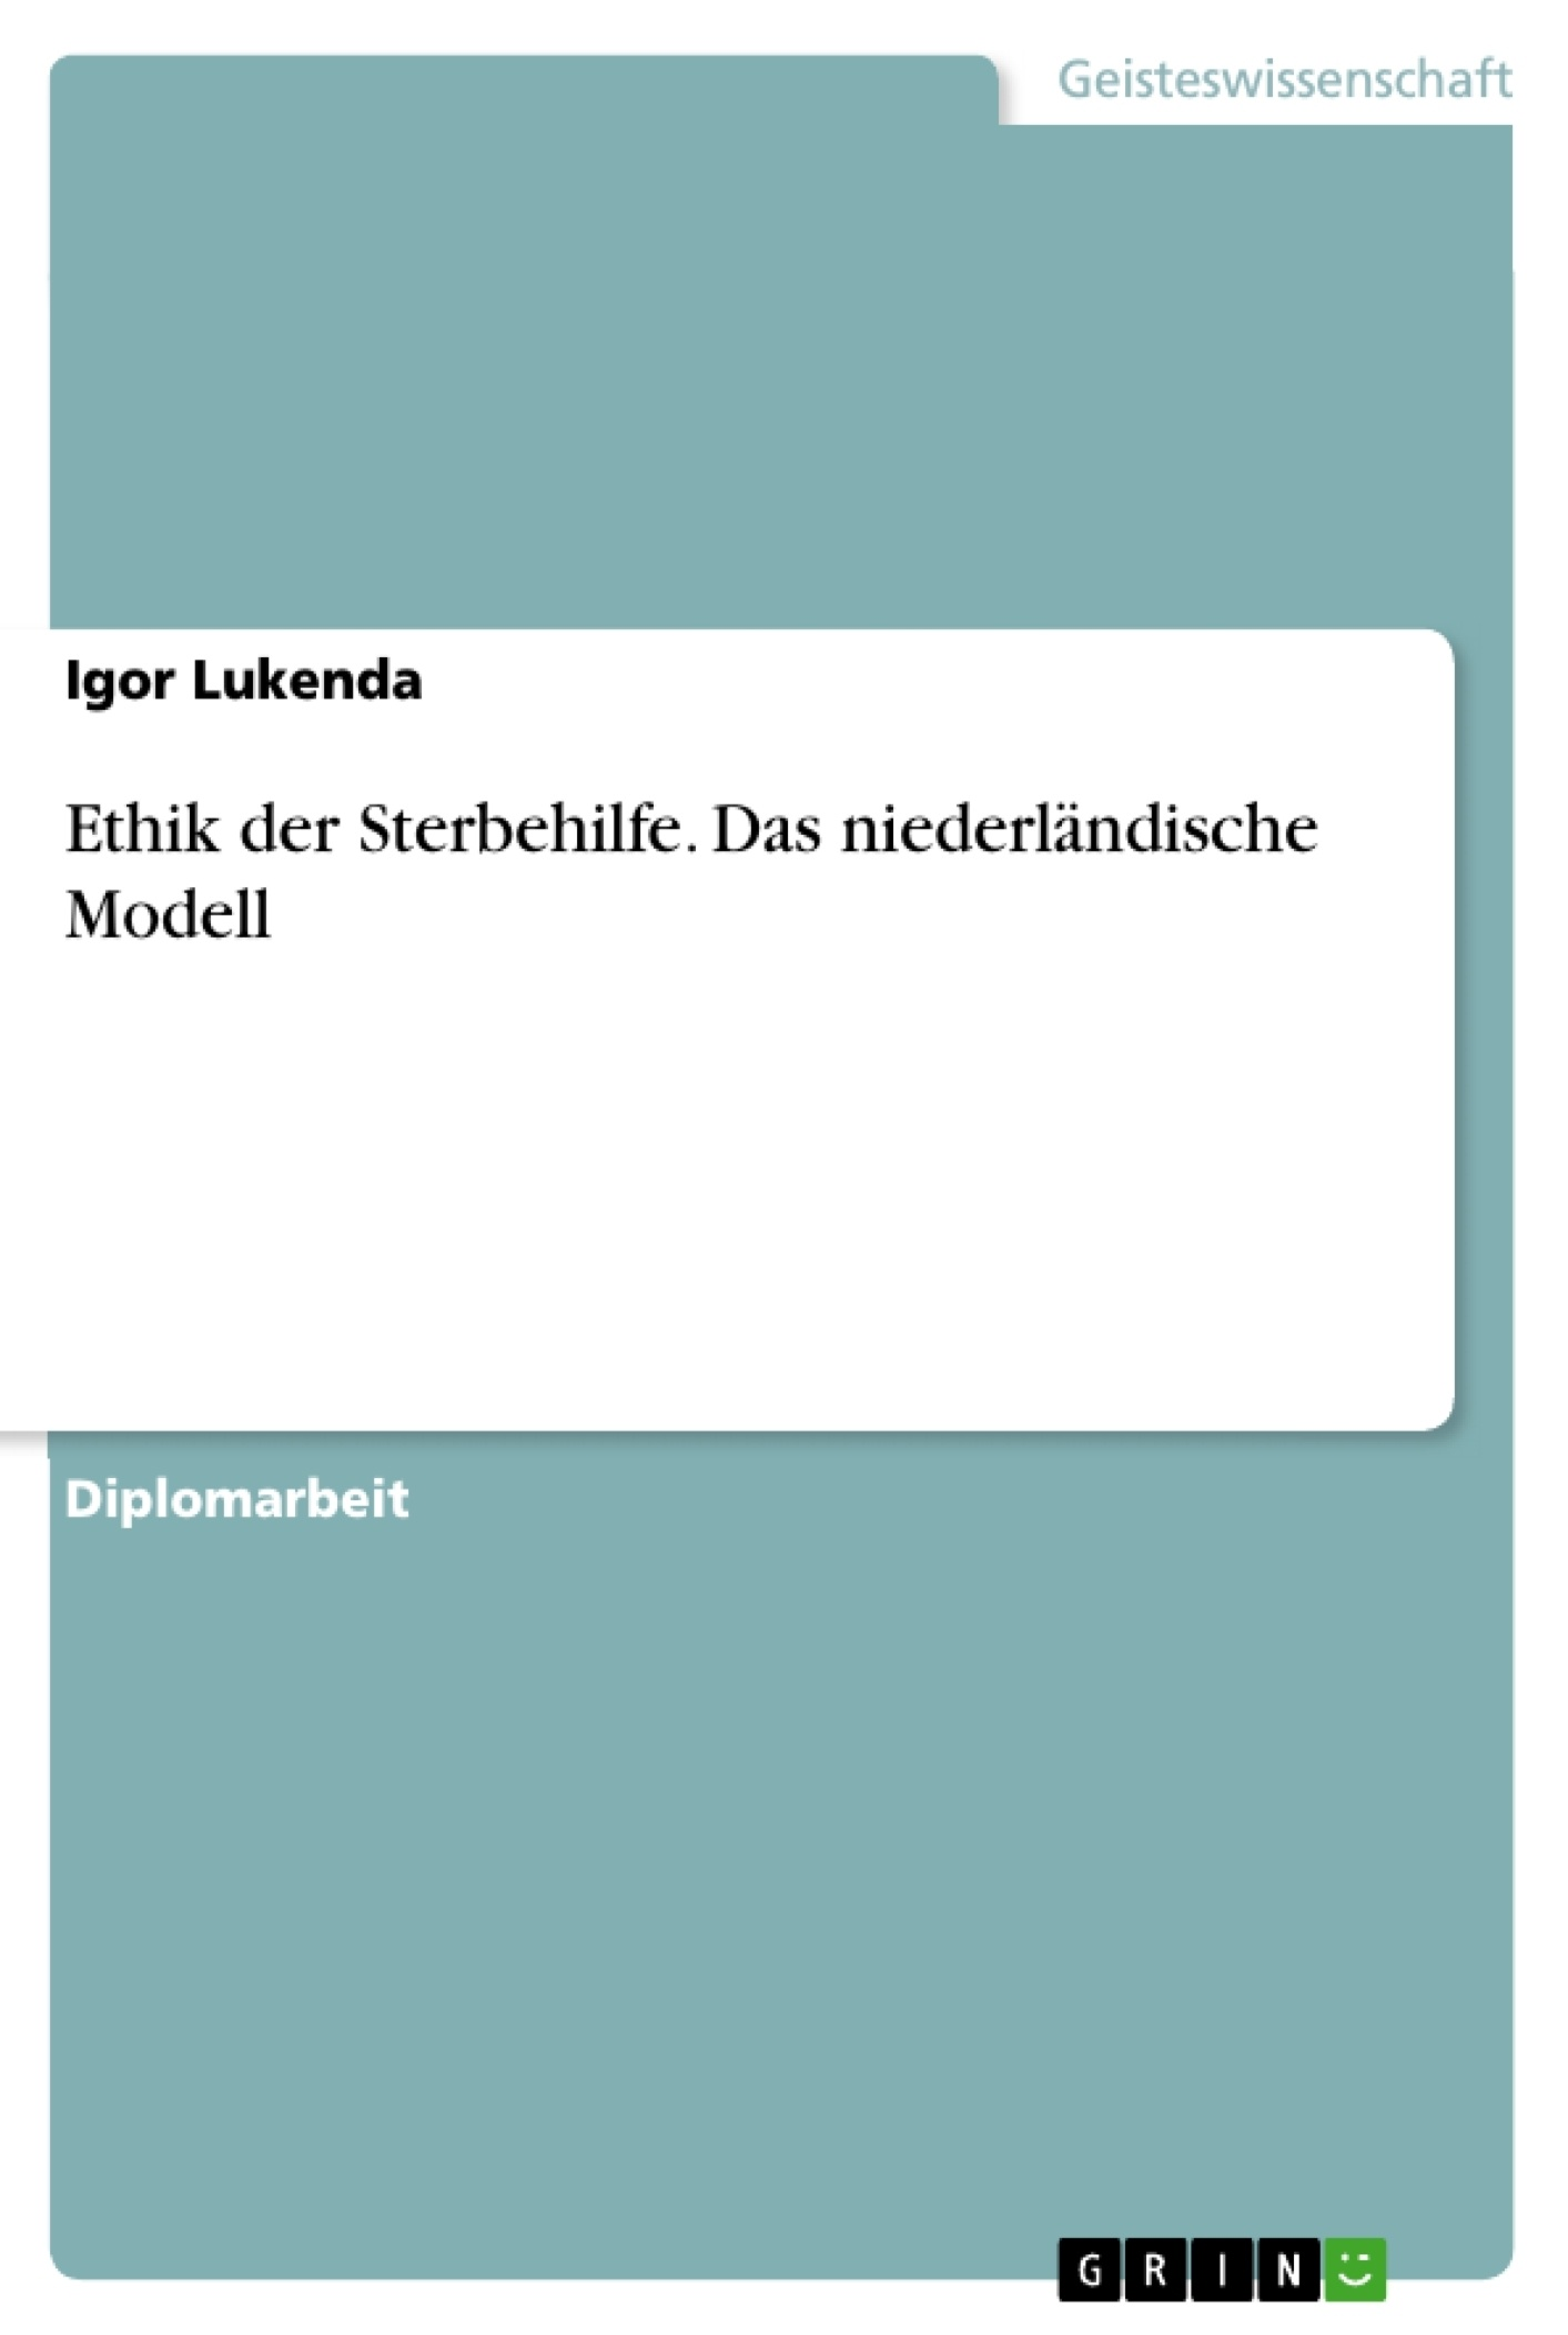 Titel: Ethik der Sterbehilfe. Das niederländische Modell